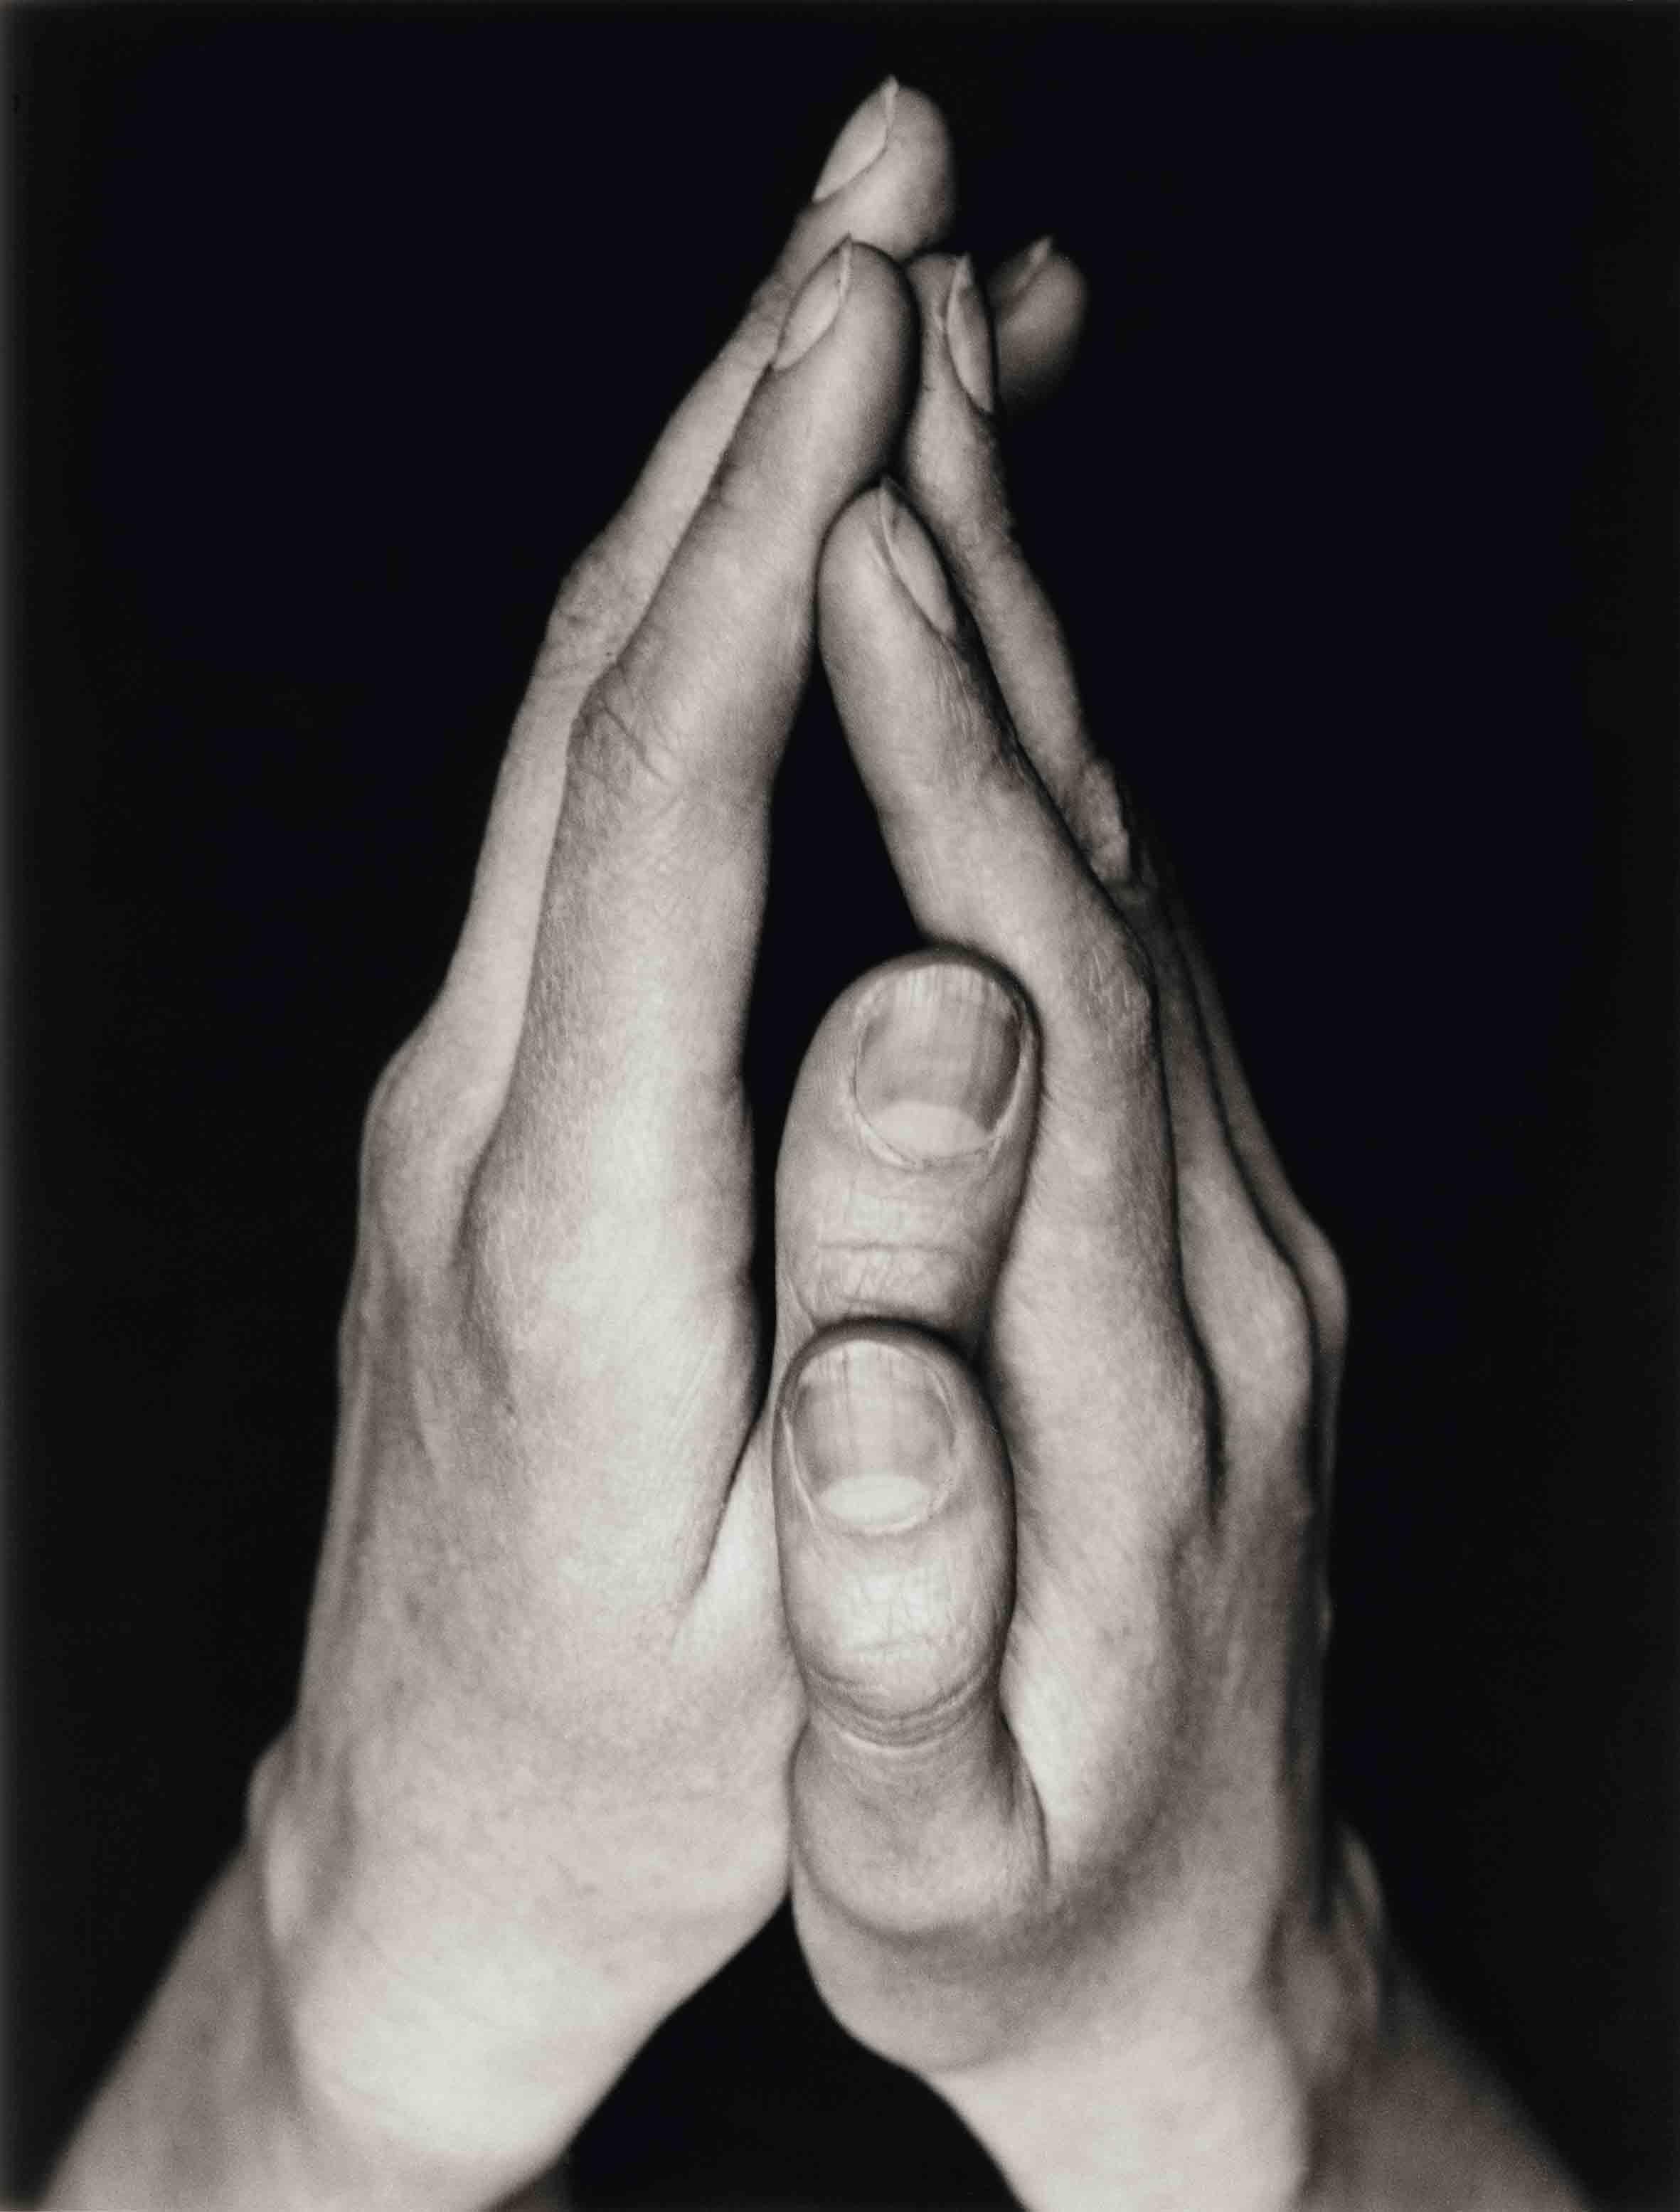 ALBERT RENGER-PATZSCH — Hände [Mains], 1926-1927 Collection Ann und Jürgen Wilde © Albert Renger-Patzsch / Archiv Ann und Jürgen Wilde, Zülpich / ADAGP, Paris 2017